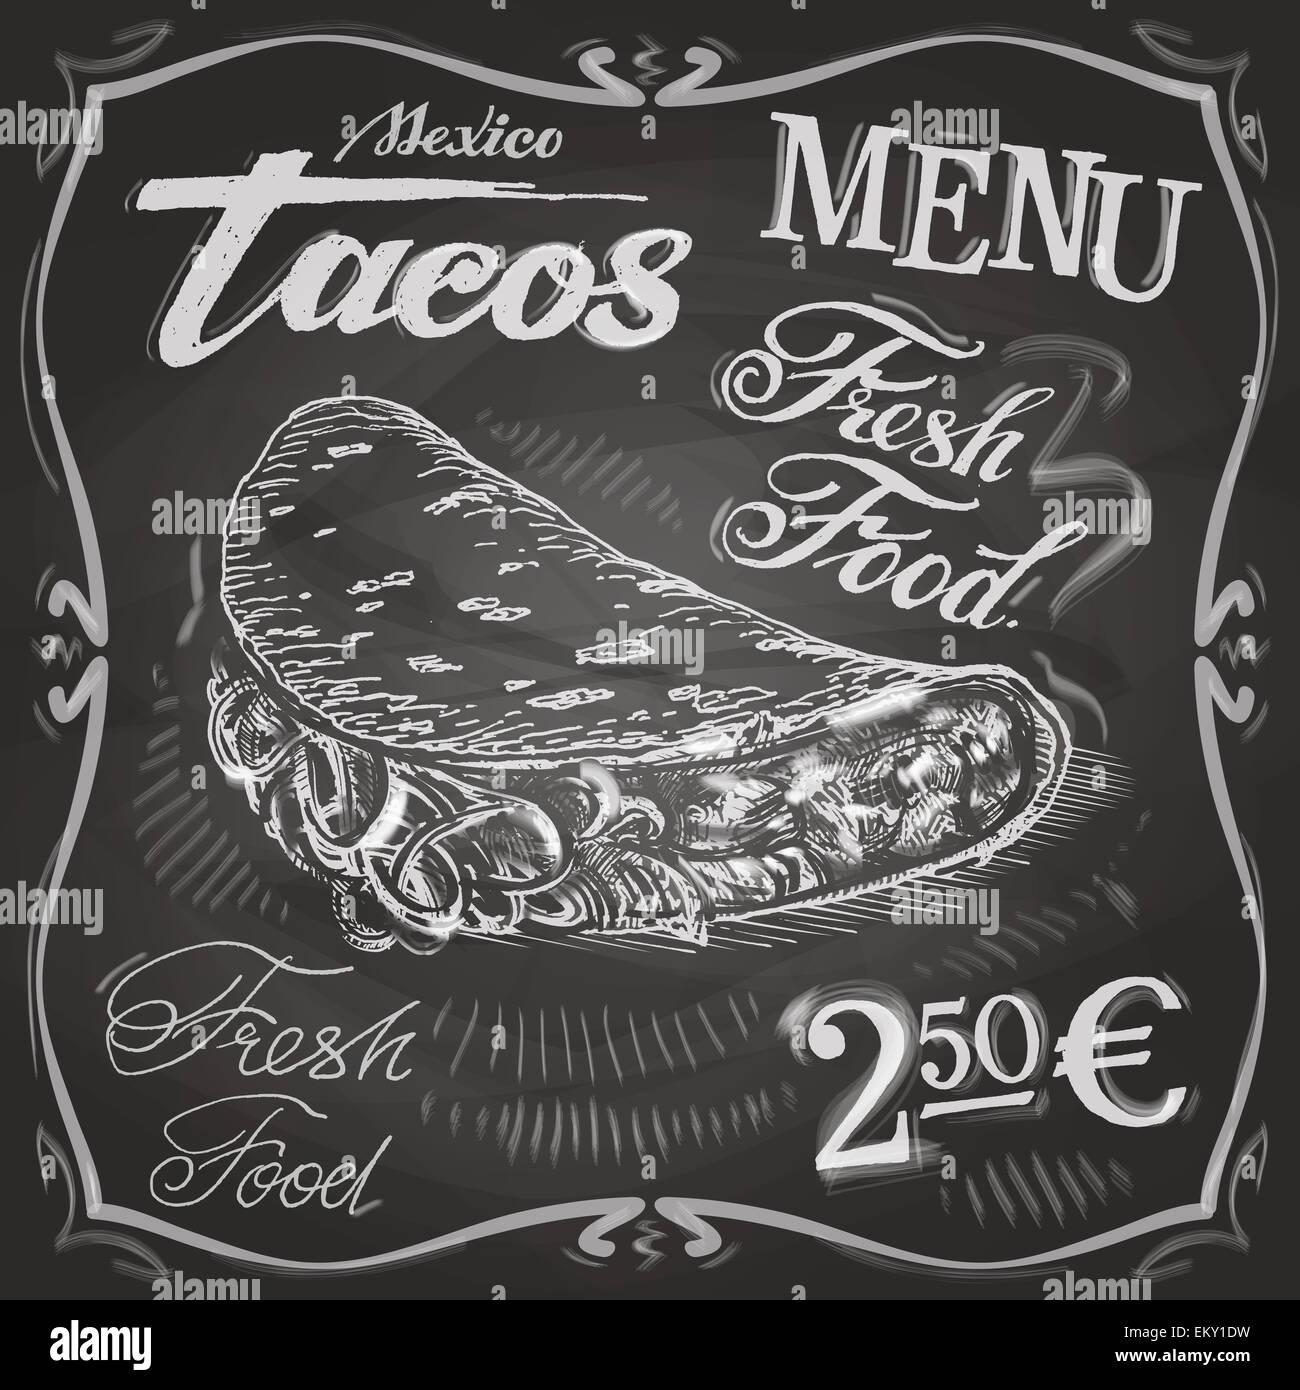 Burritos Tacos Vector Logo Design Template Fast Food Or Menu Board - Menu board design templates